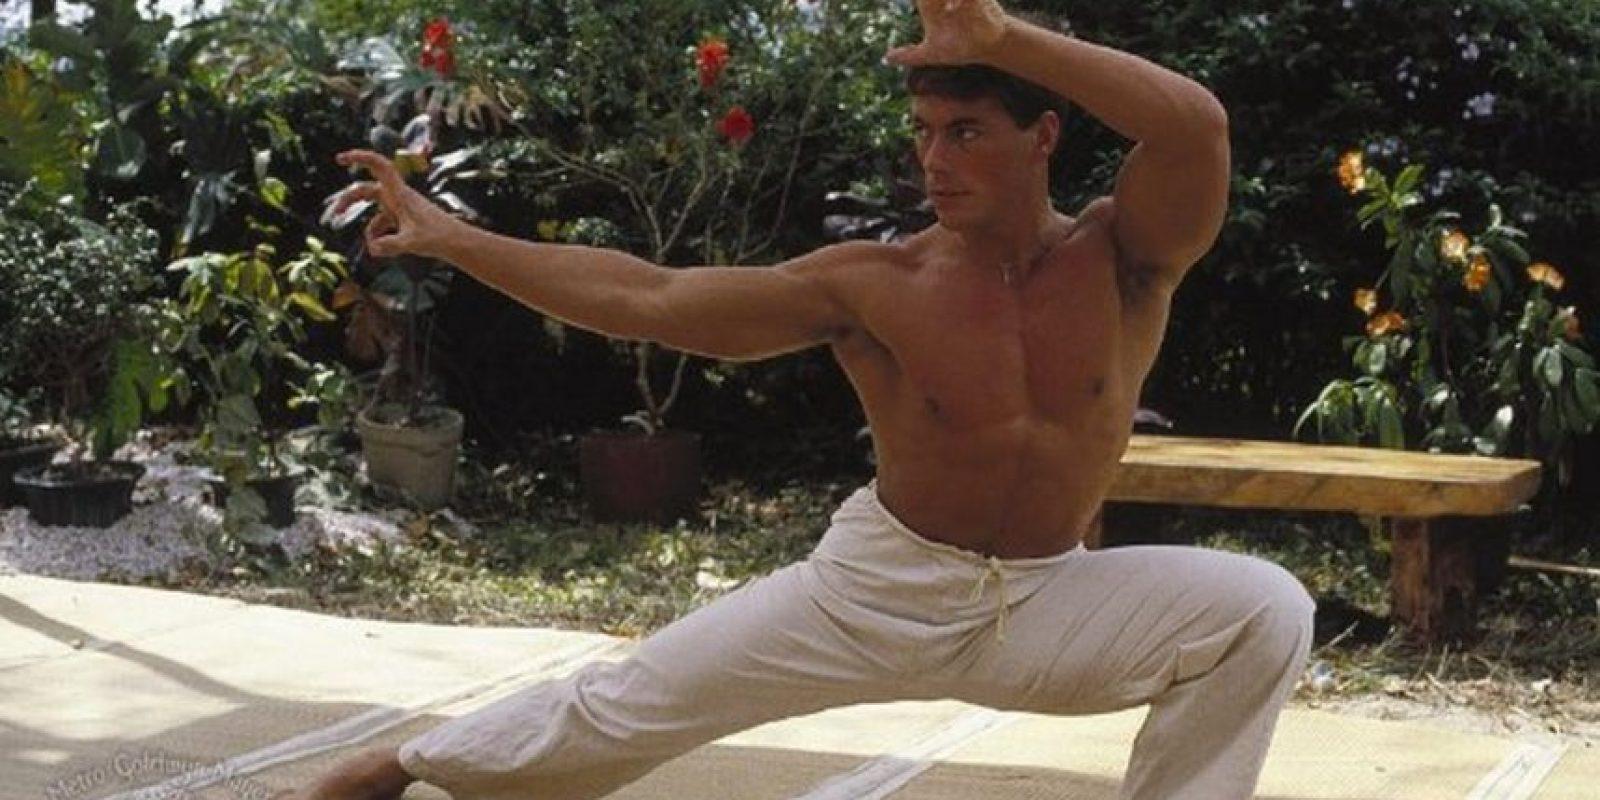 Se hizo famoso entre otras cosas por sus músculo Foto:Vía facebook.com/JCVDonline